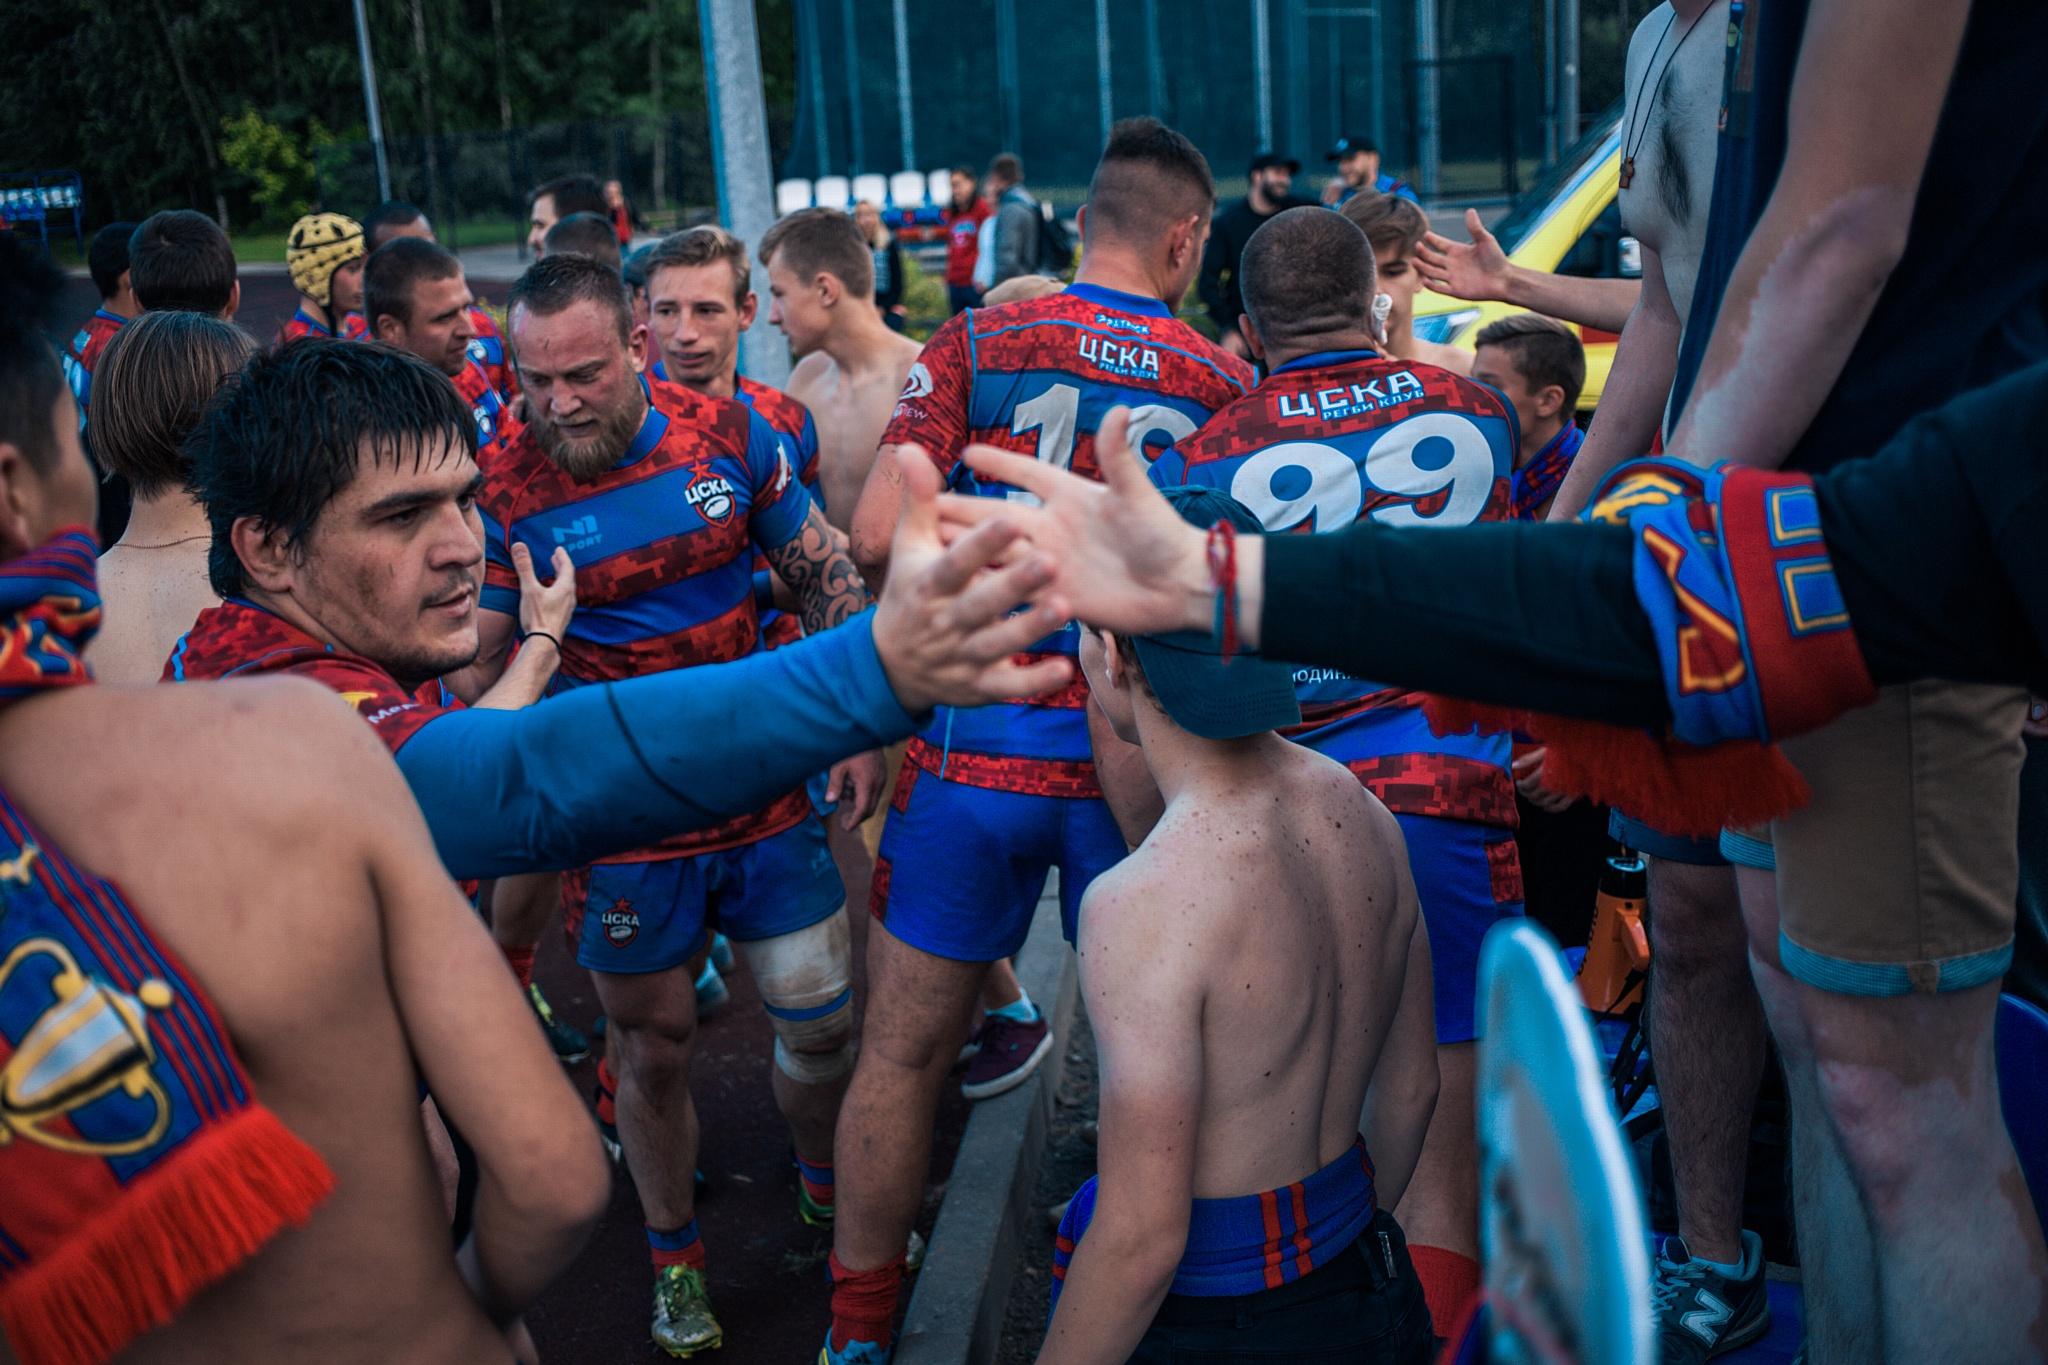 Регбийный клуб ЦСКА разгромил Торпедо в столичном дерби